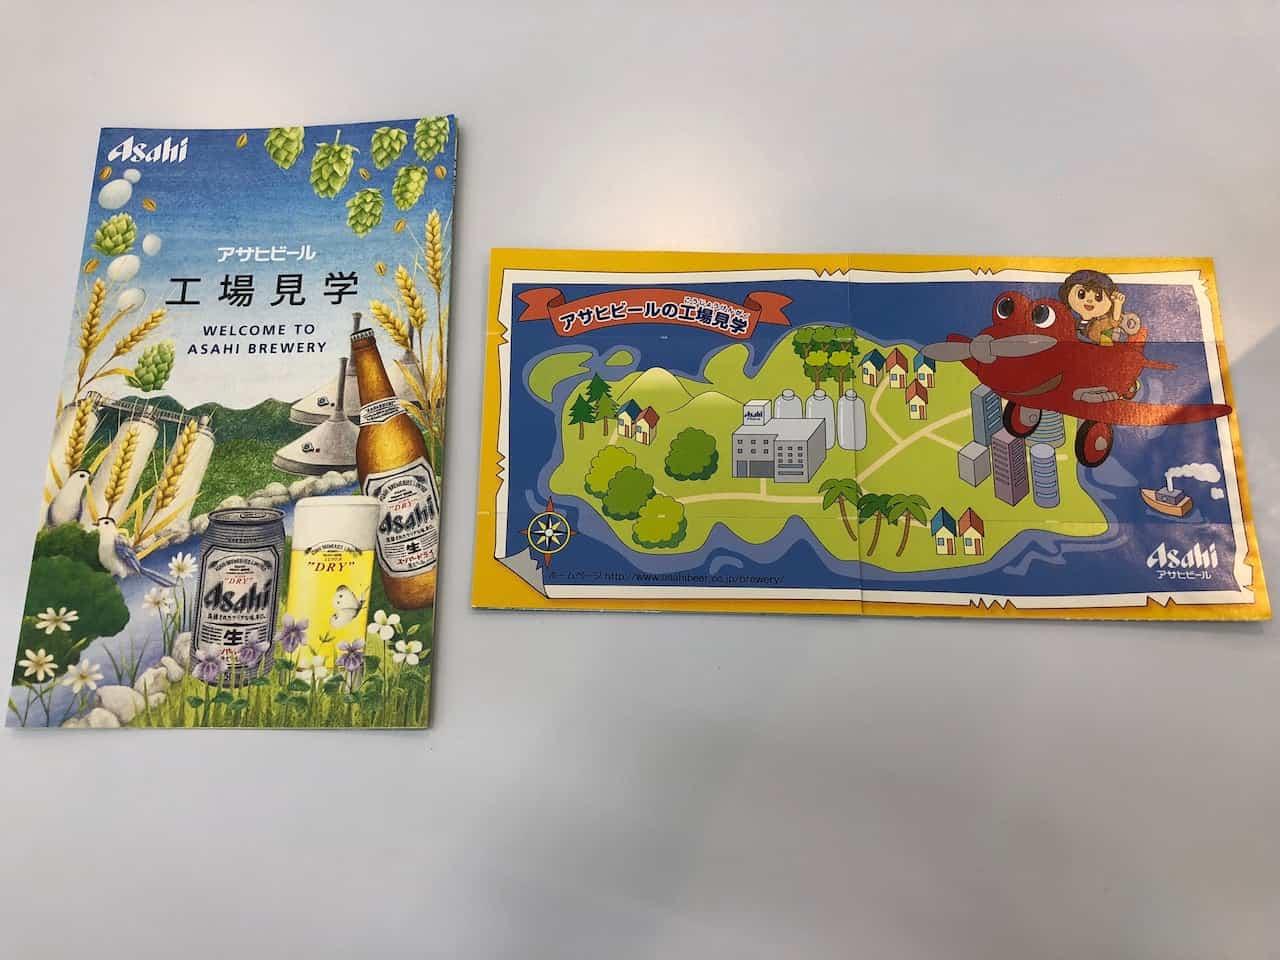 アサヒビール工場見学のパンフレット